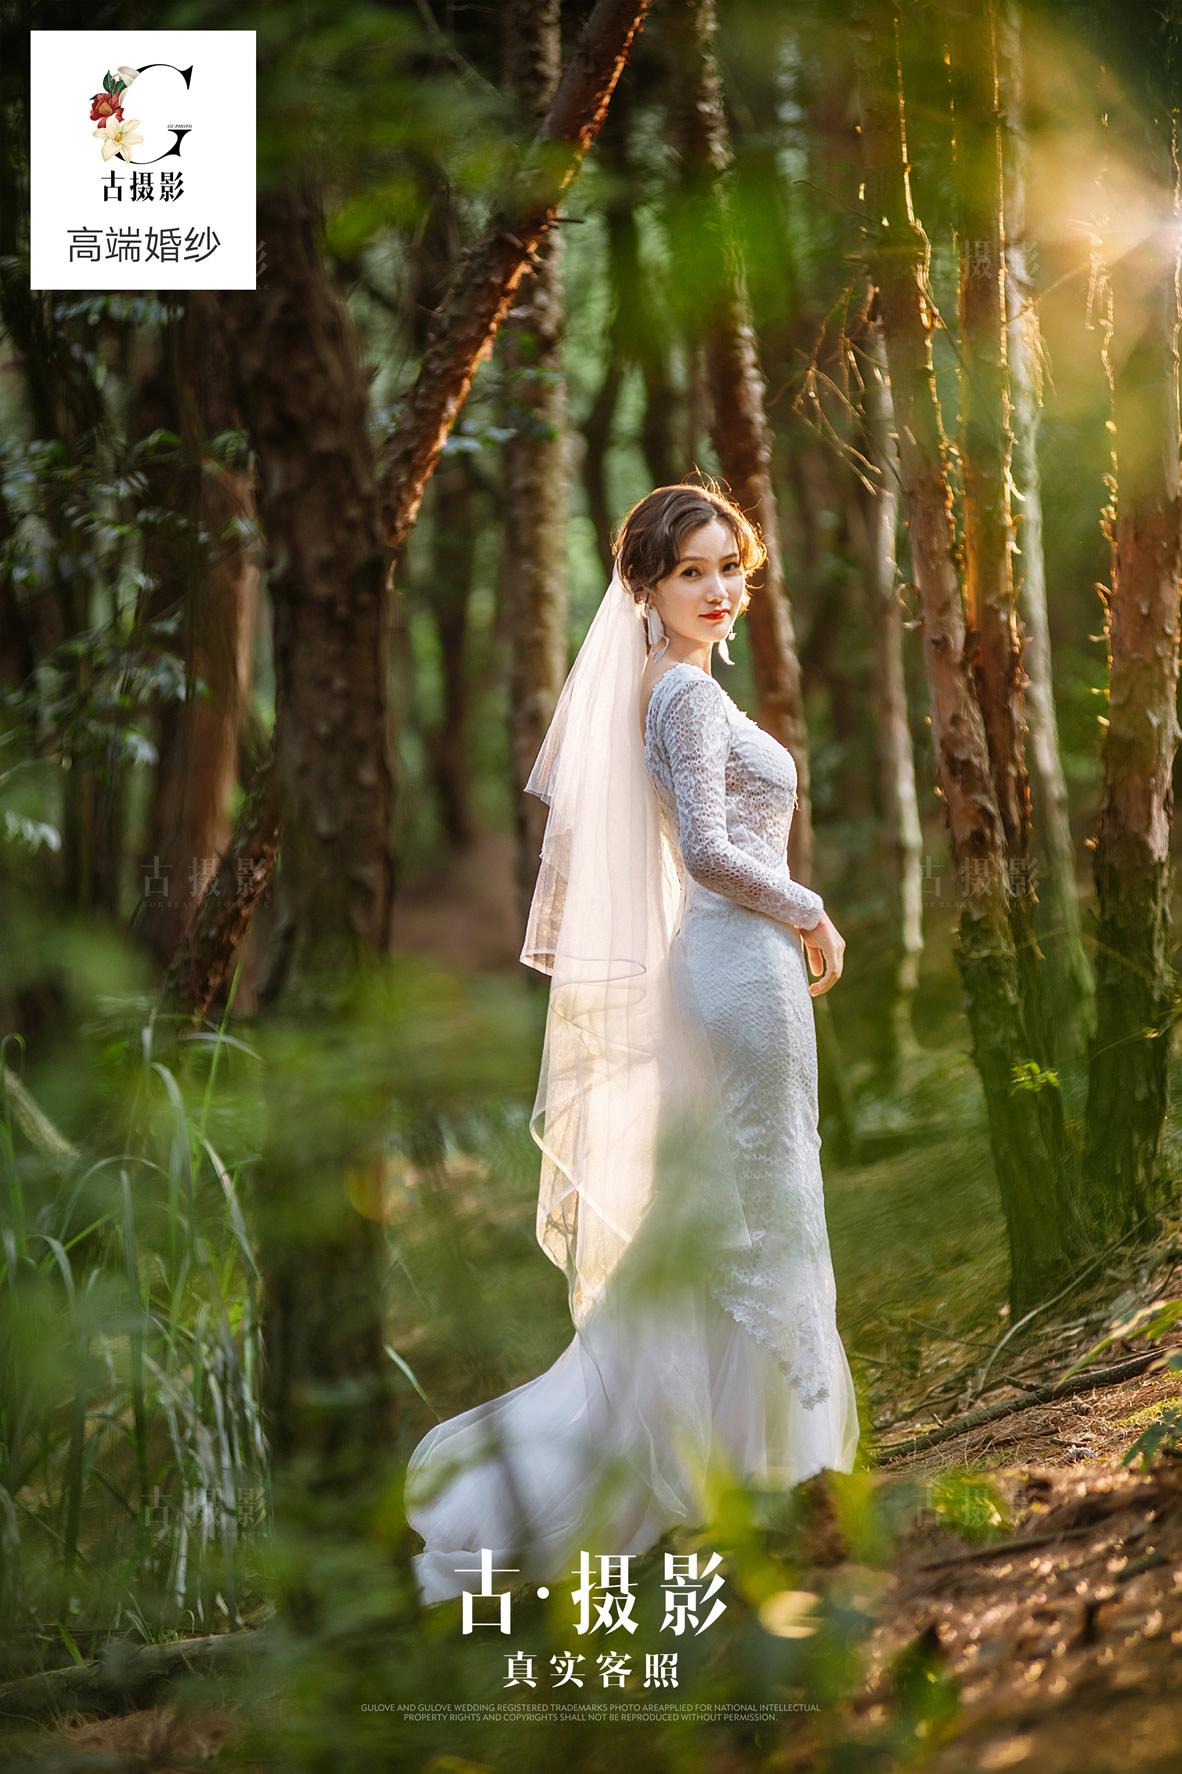 4月5日客片蒋先生 杨小姐 - 每日客照 - 古摄影婚纱艺术-古摄影成都婚纱摄影艺术摄影网